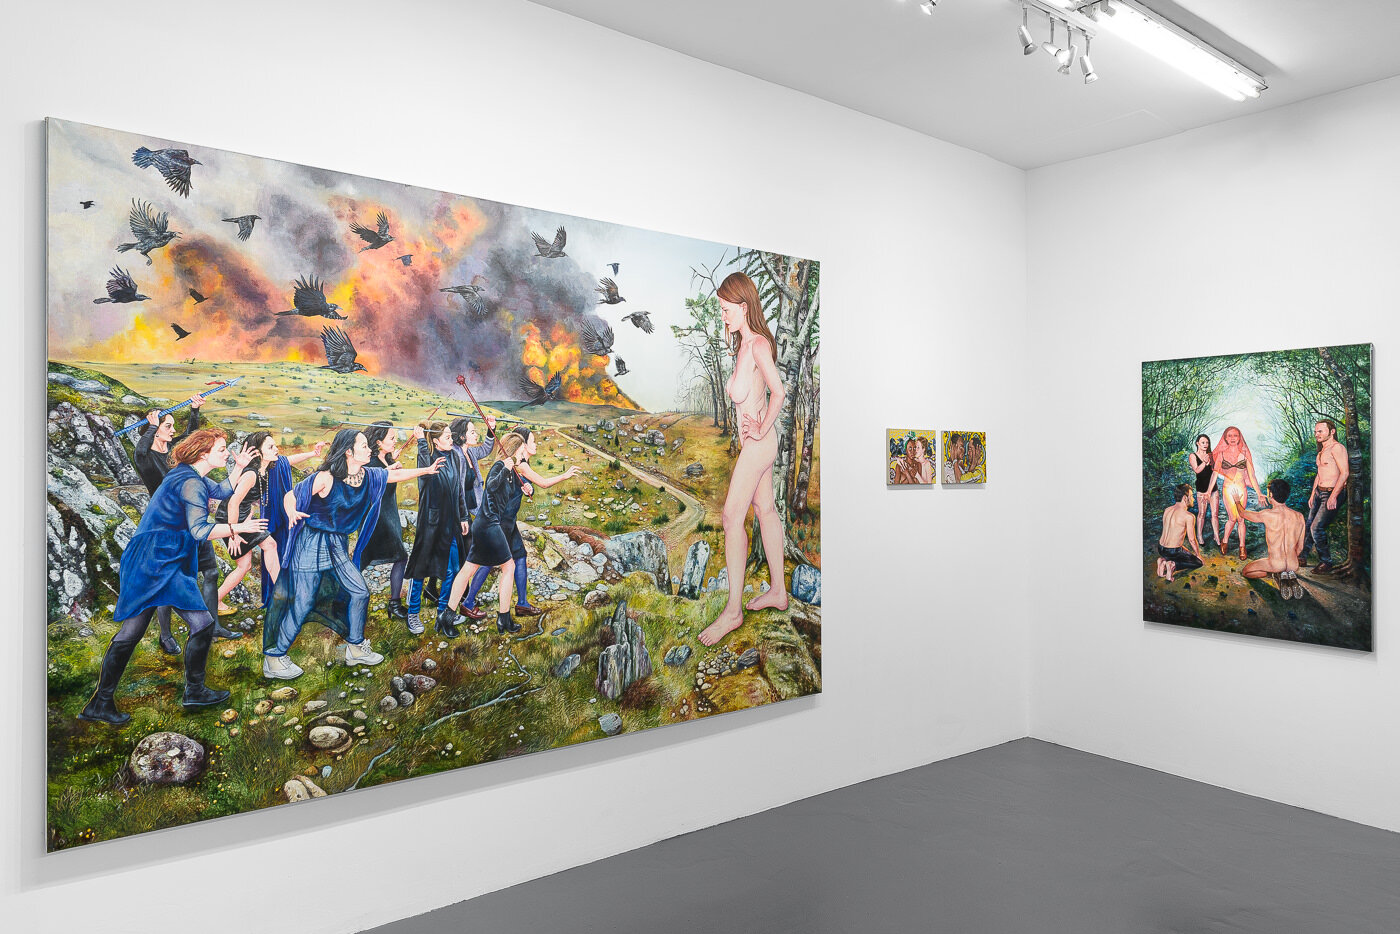 Ruines et plaisirs - 2018  galerie Sator, Paris  © Grégory Copitet